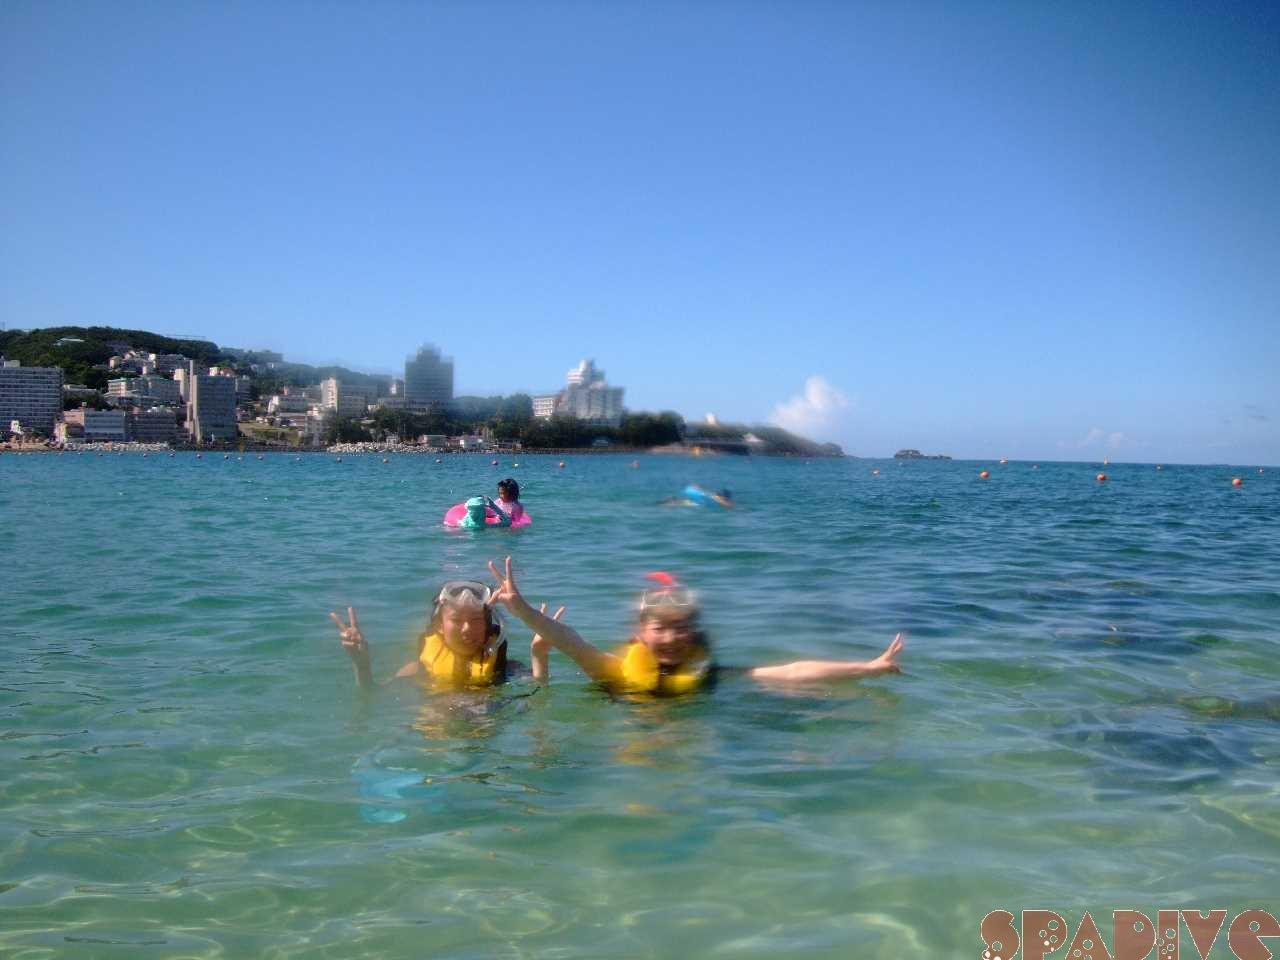 2010年8月撮影海フォトギャラリー 南紀白浜スパダイブ